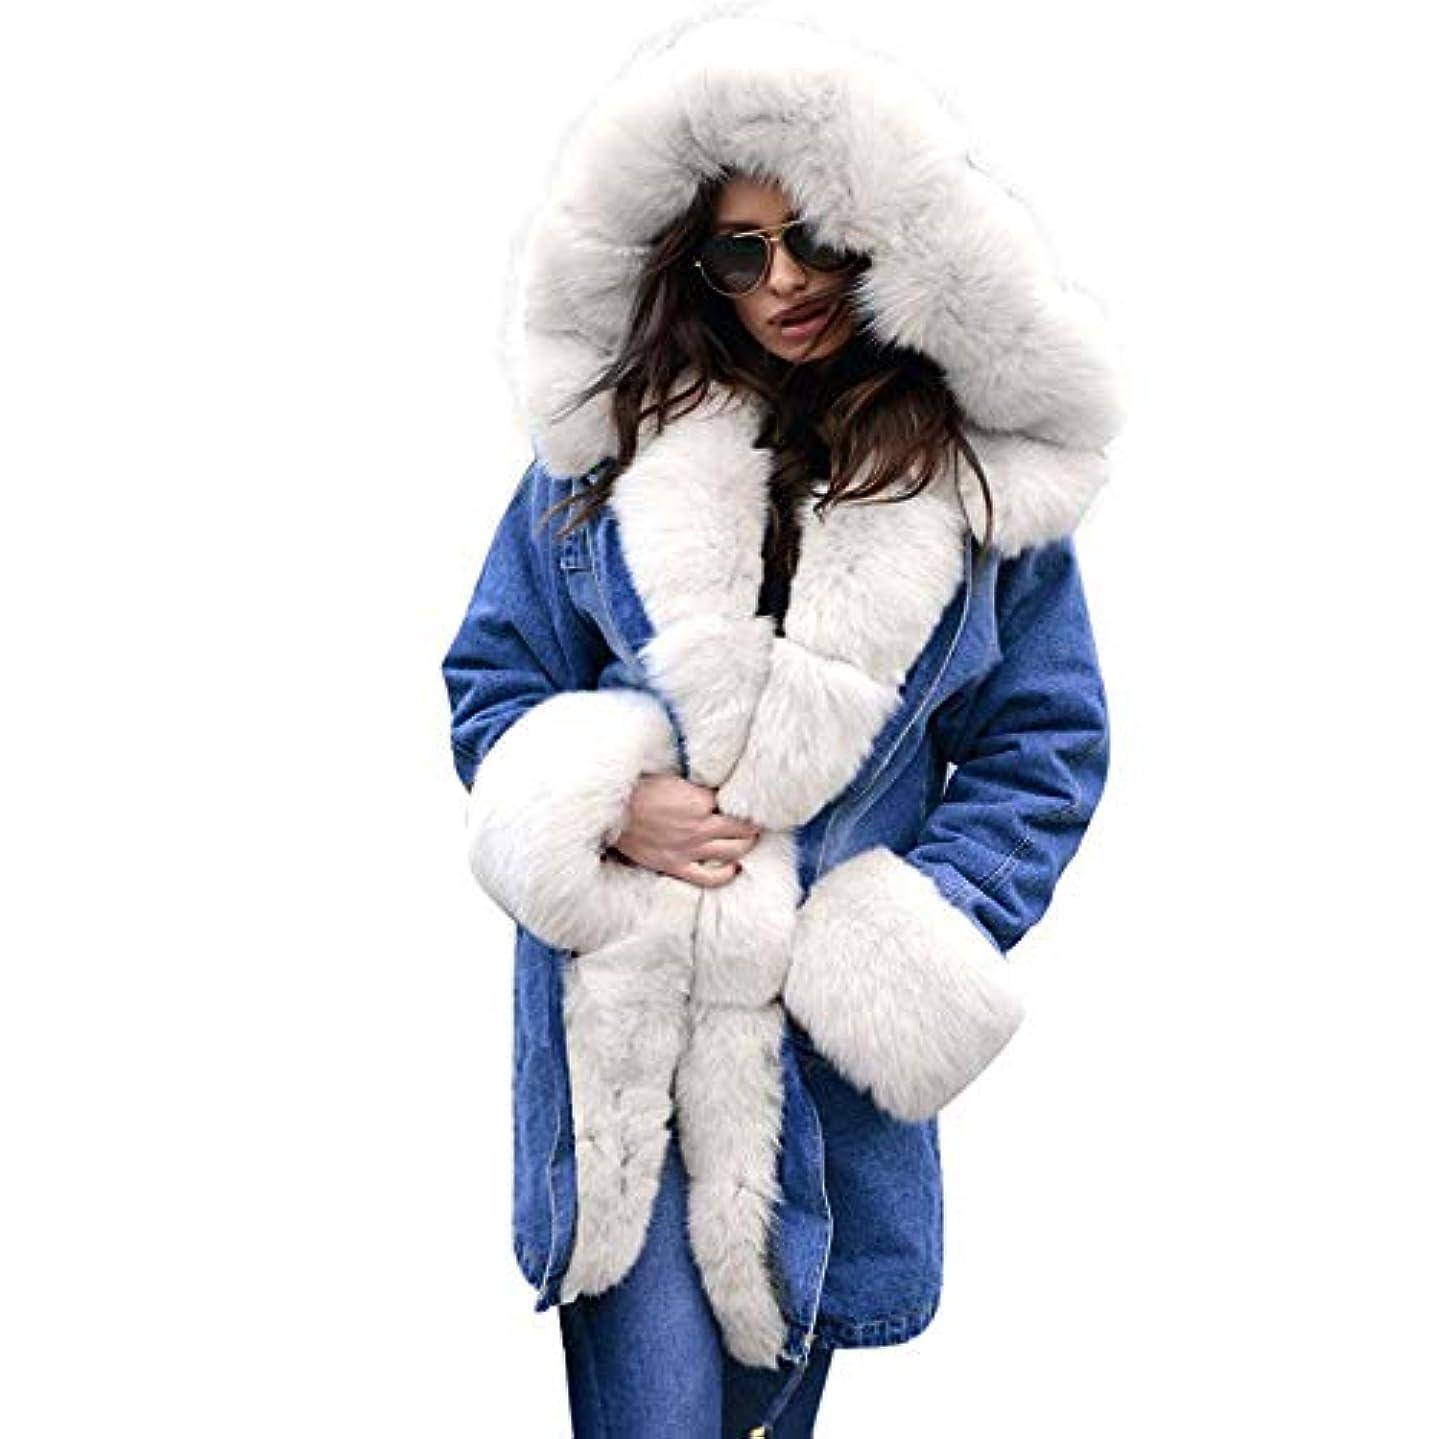 露健康的団結ファッションウィンタージャケット女性ウォームコートフェイクファーコットンフリースオーバーコート女性ロングフードコートパーカスパーカー,L